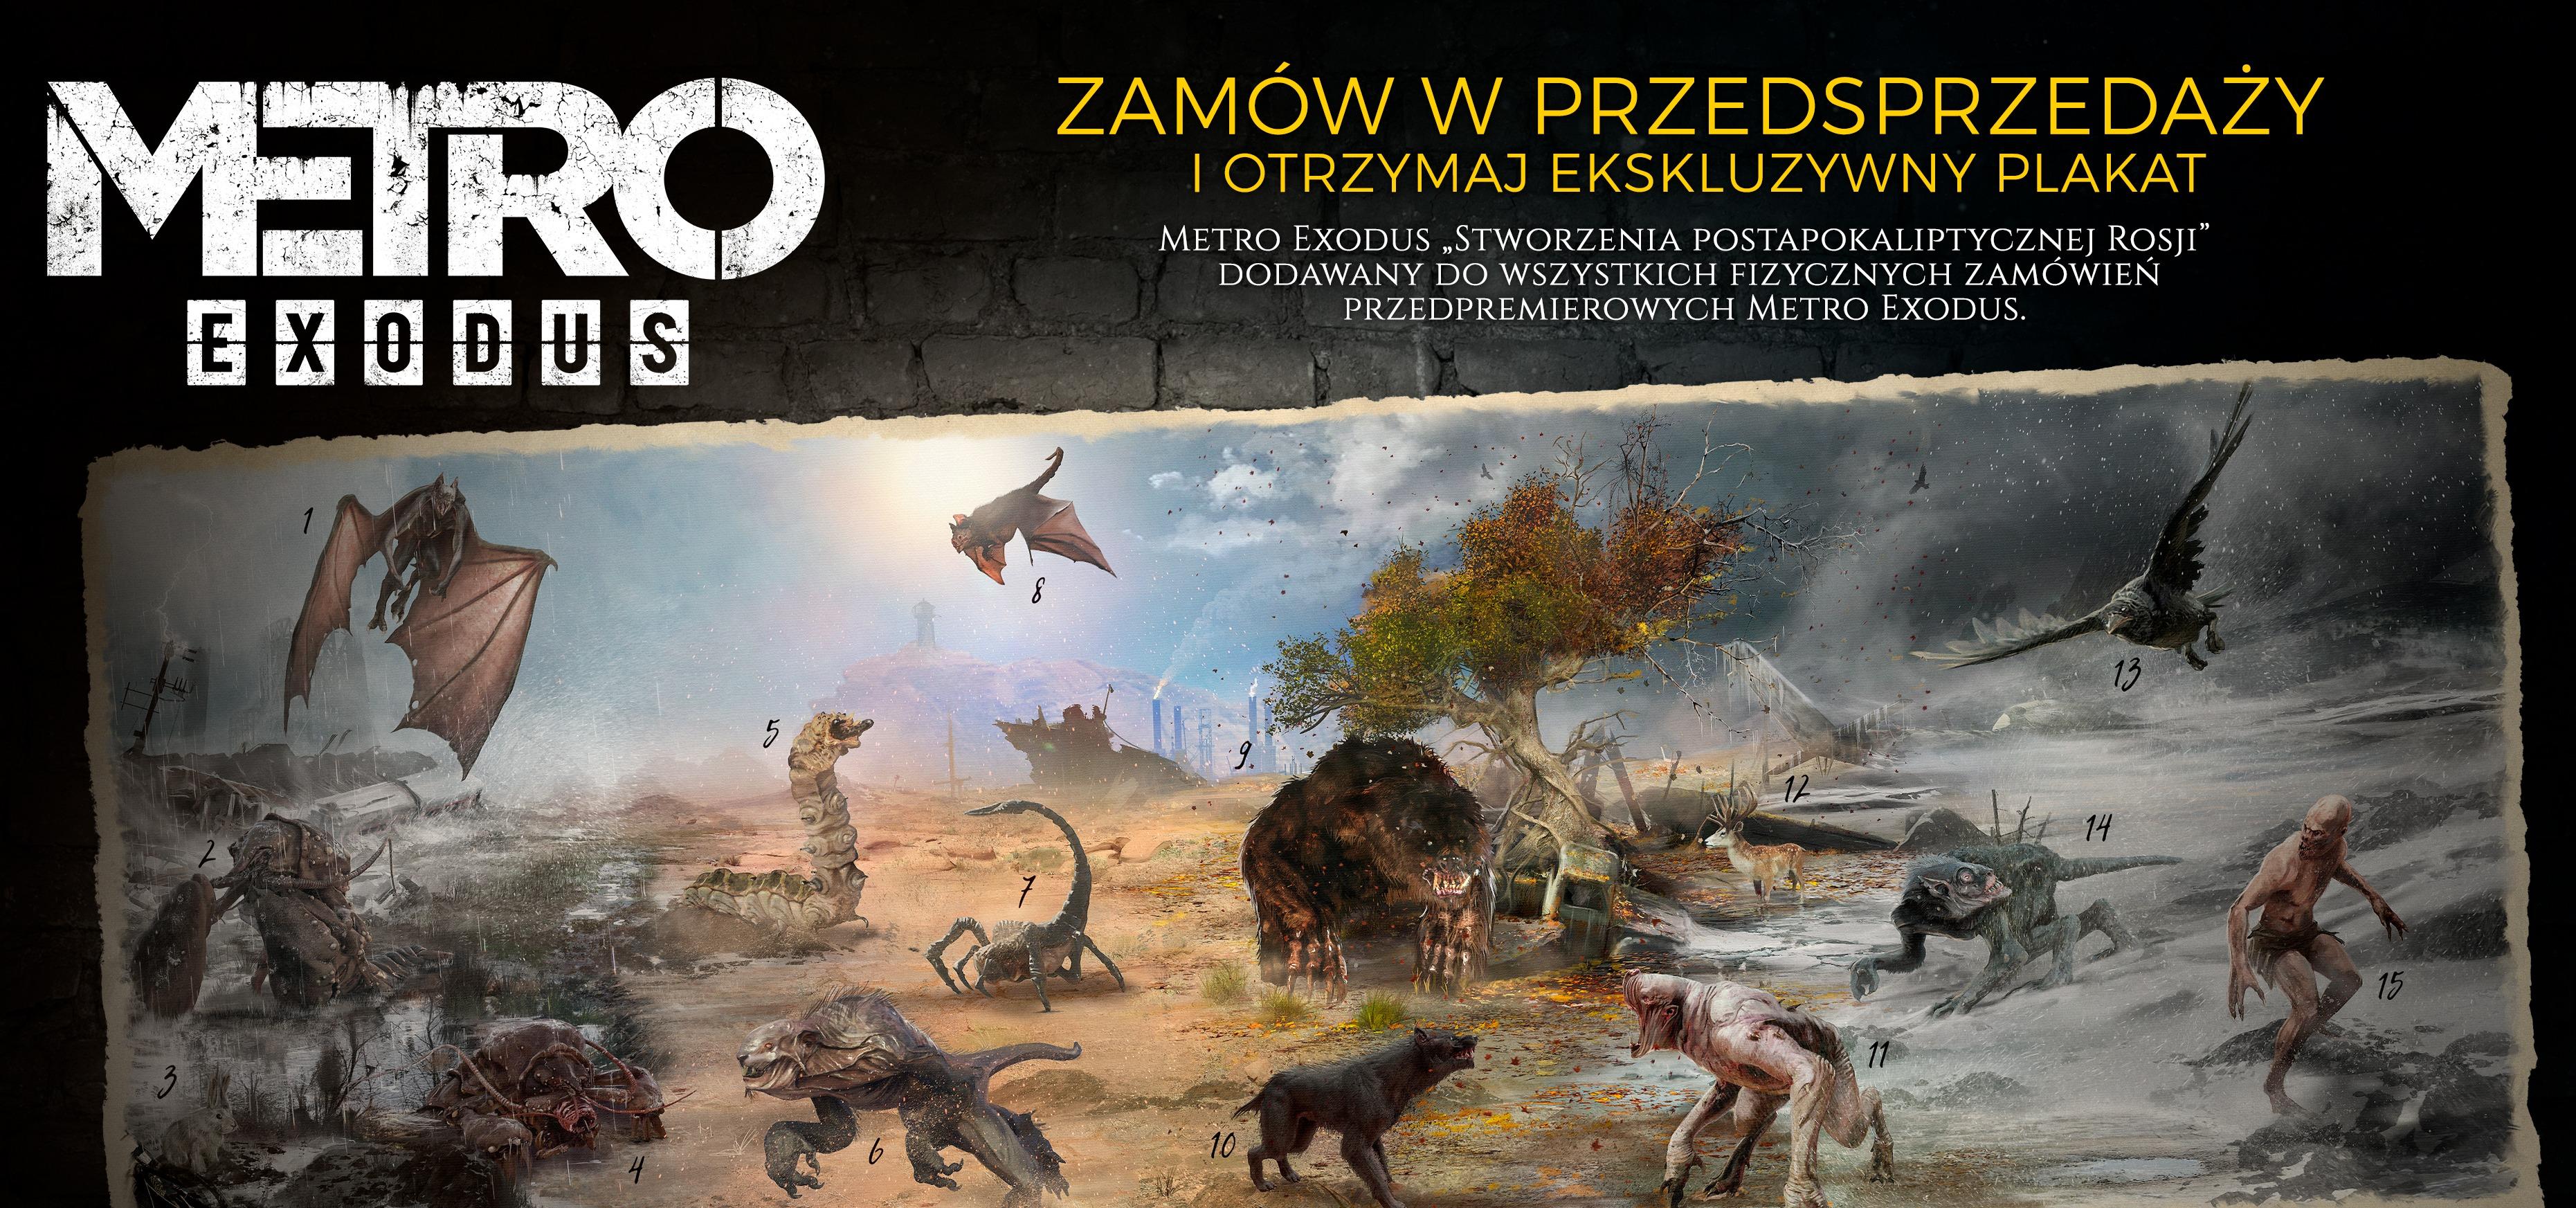 Zamów Metro Exodus przed premierą i otrzymaj ekskluzywny plakat